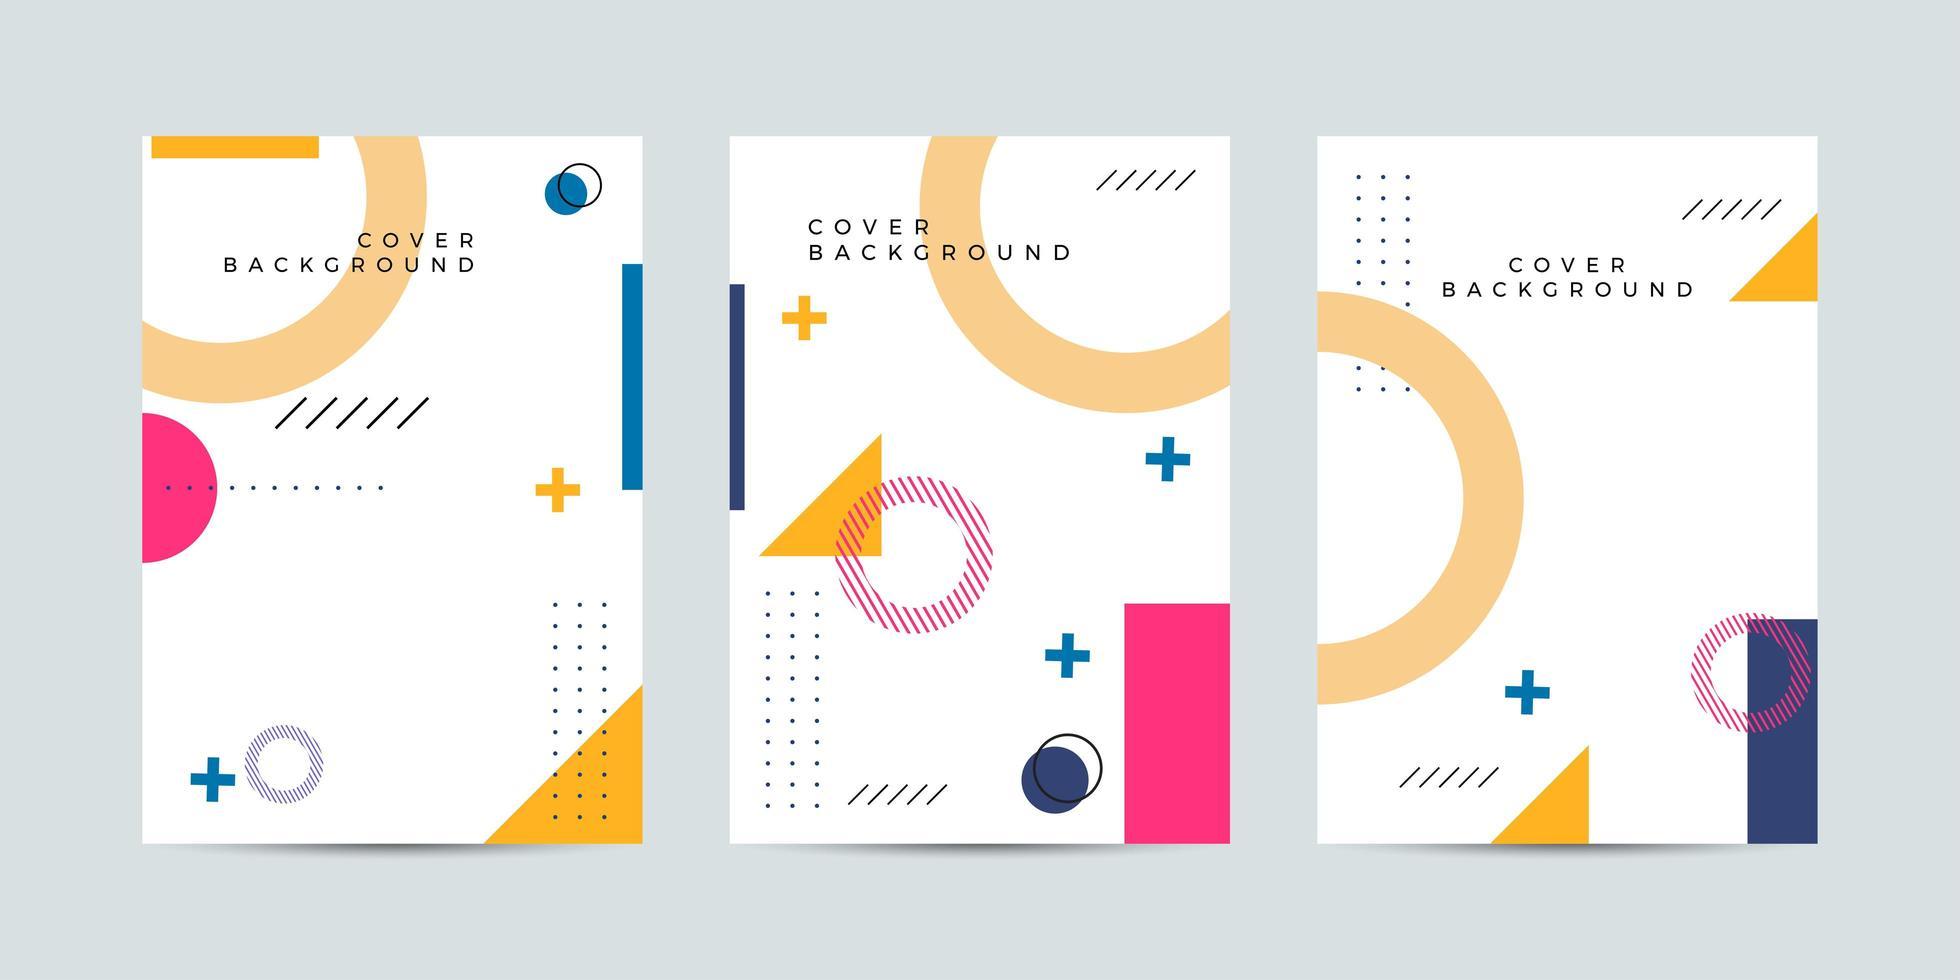 couvertures colorées avec des formes abstraites dans le style de memphis vecteur